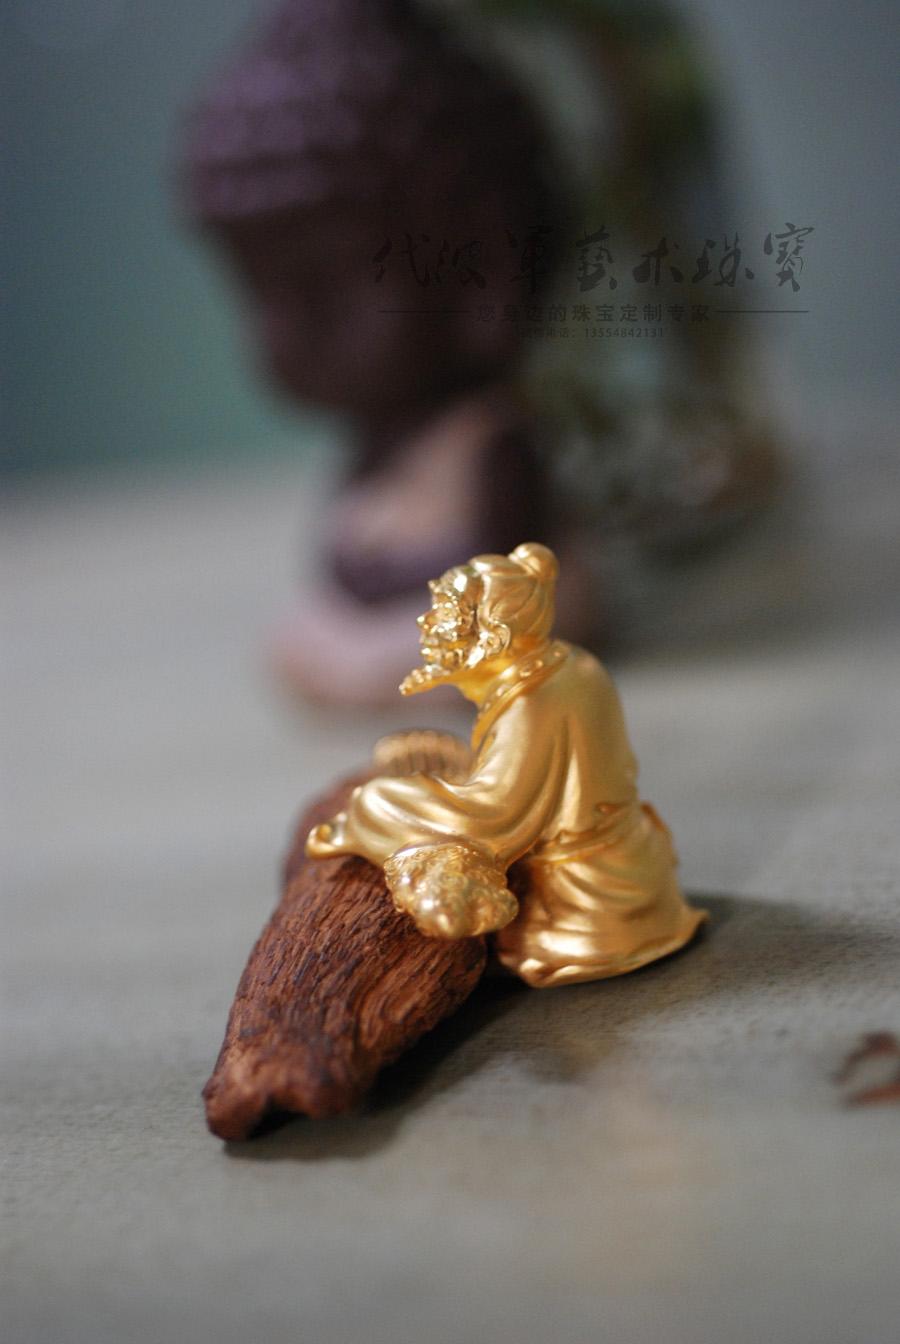 查看《代波军艺术珠宝定制----伯牙抚琴只为子期,沉香镶嵌设计摆件作品欣赏》原图,原图尺寸:900x1344